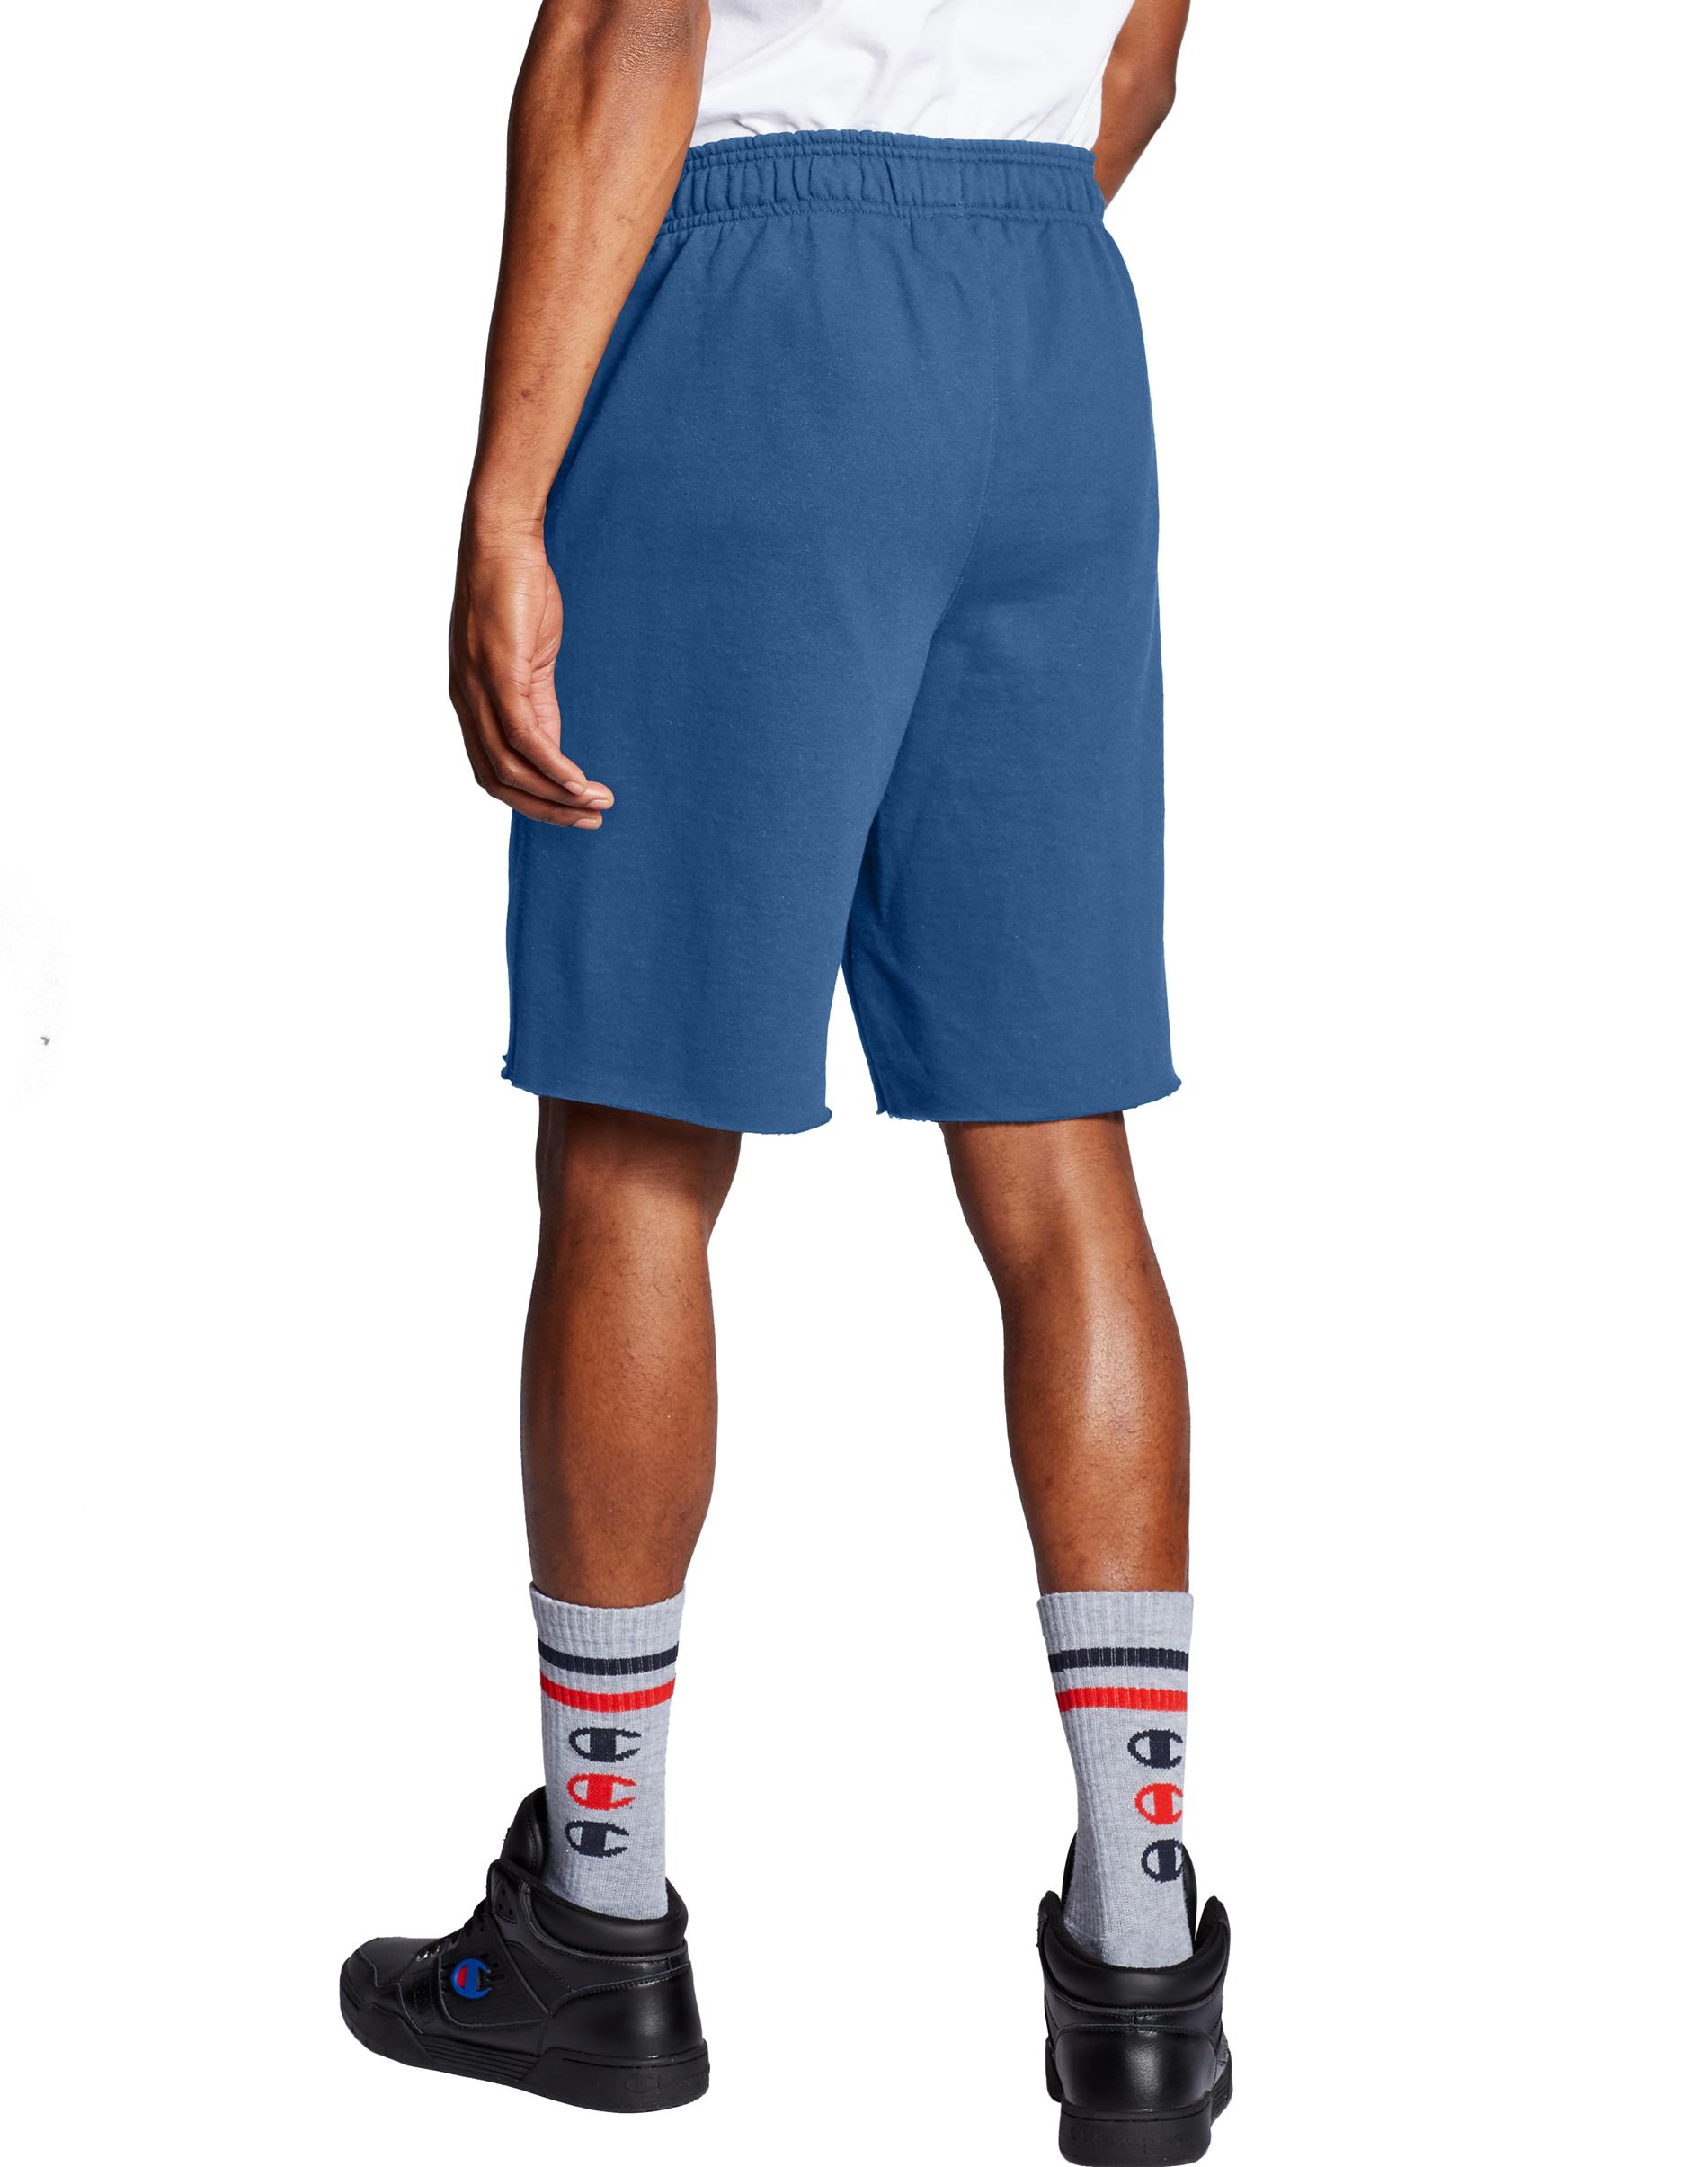 Men's Powerblend Fleece Shorts, Navy, swatch